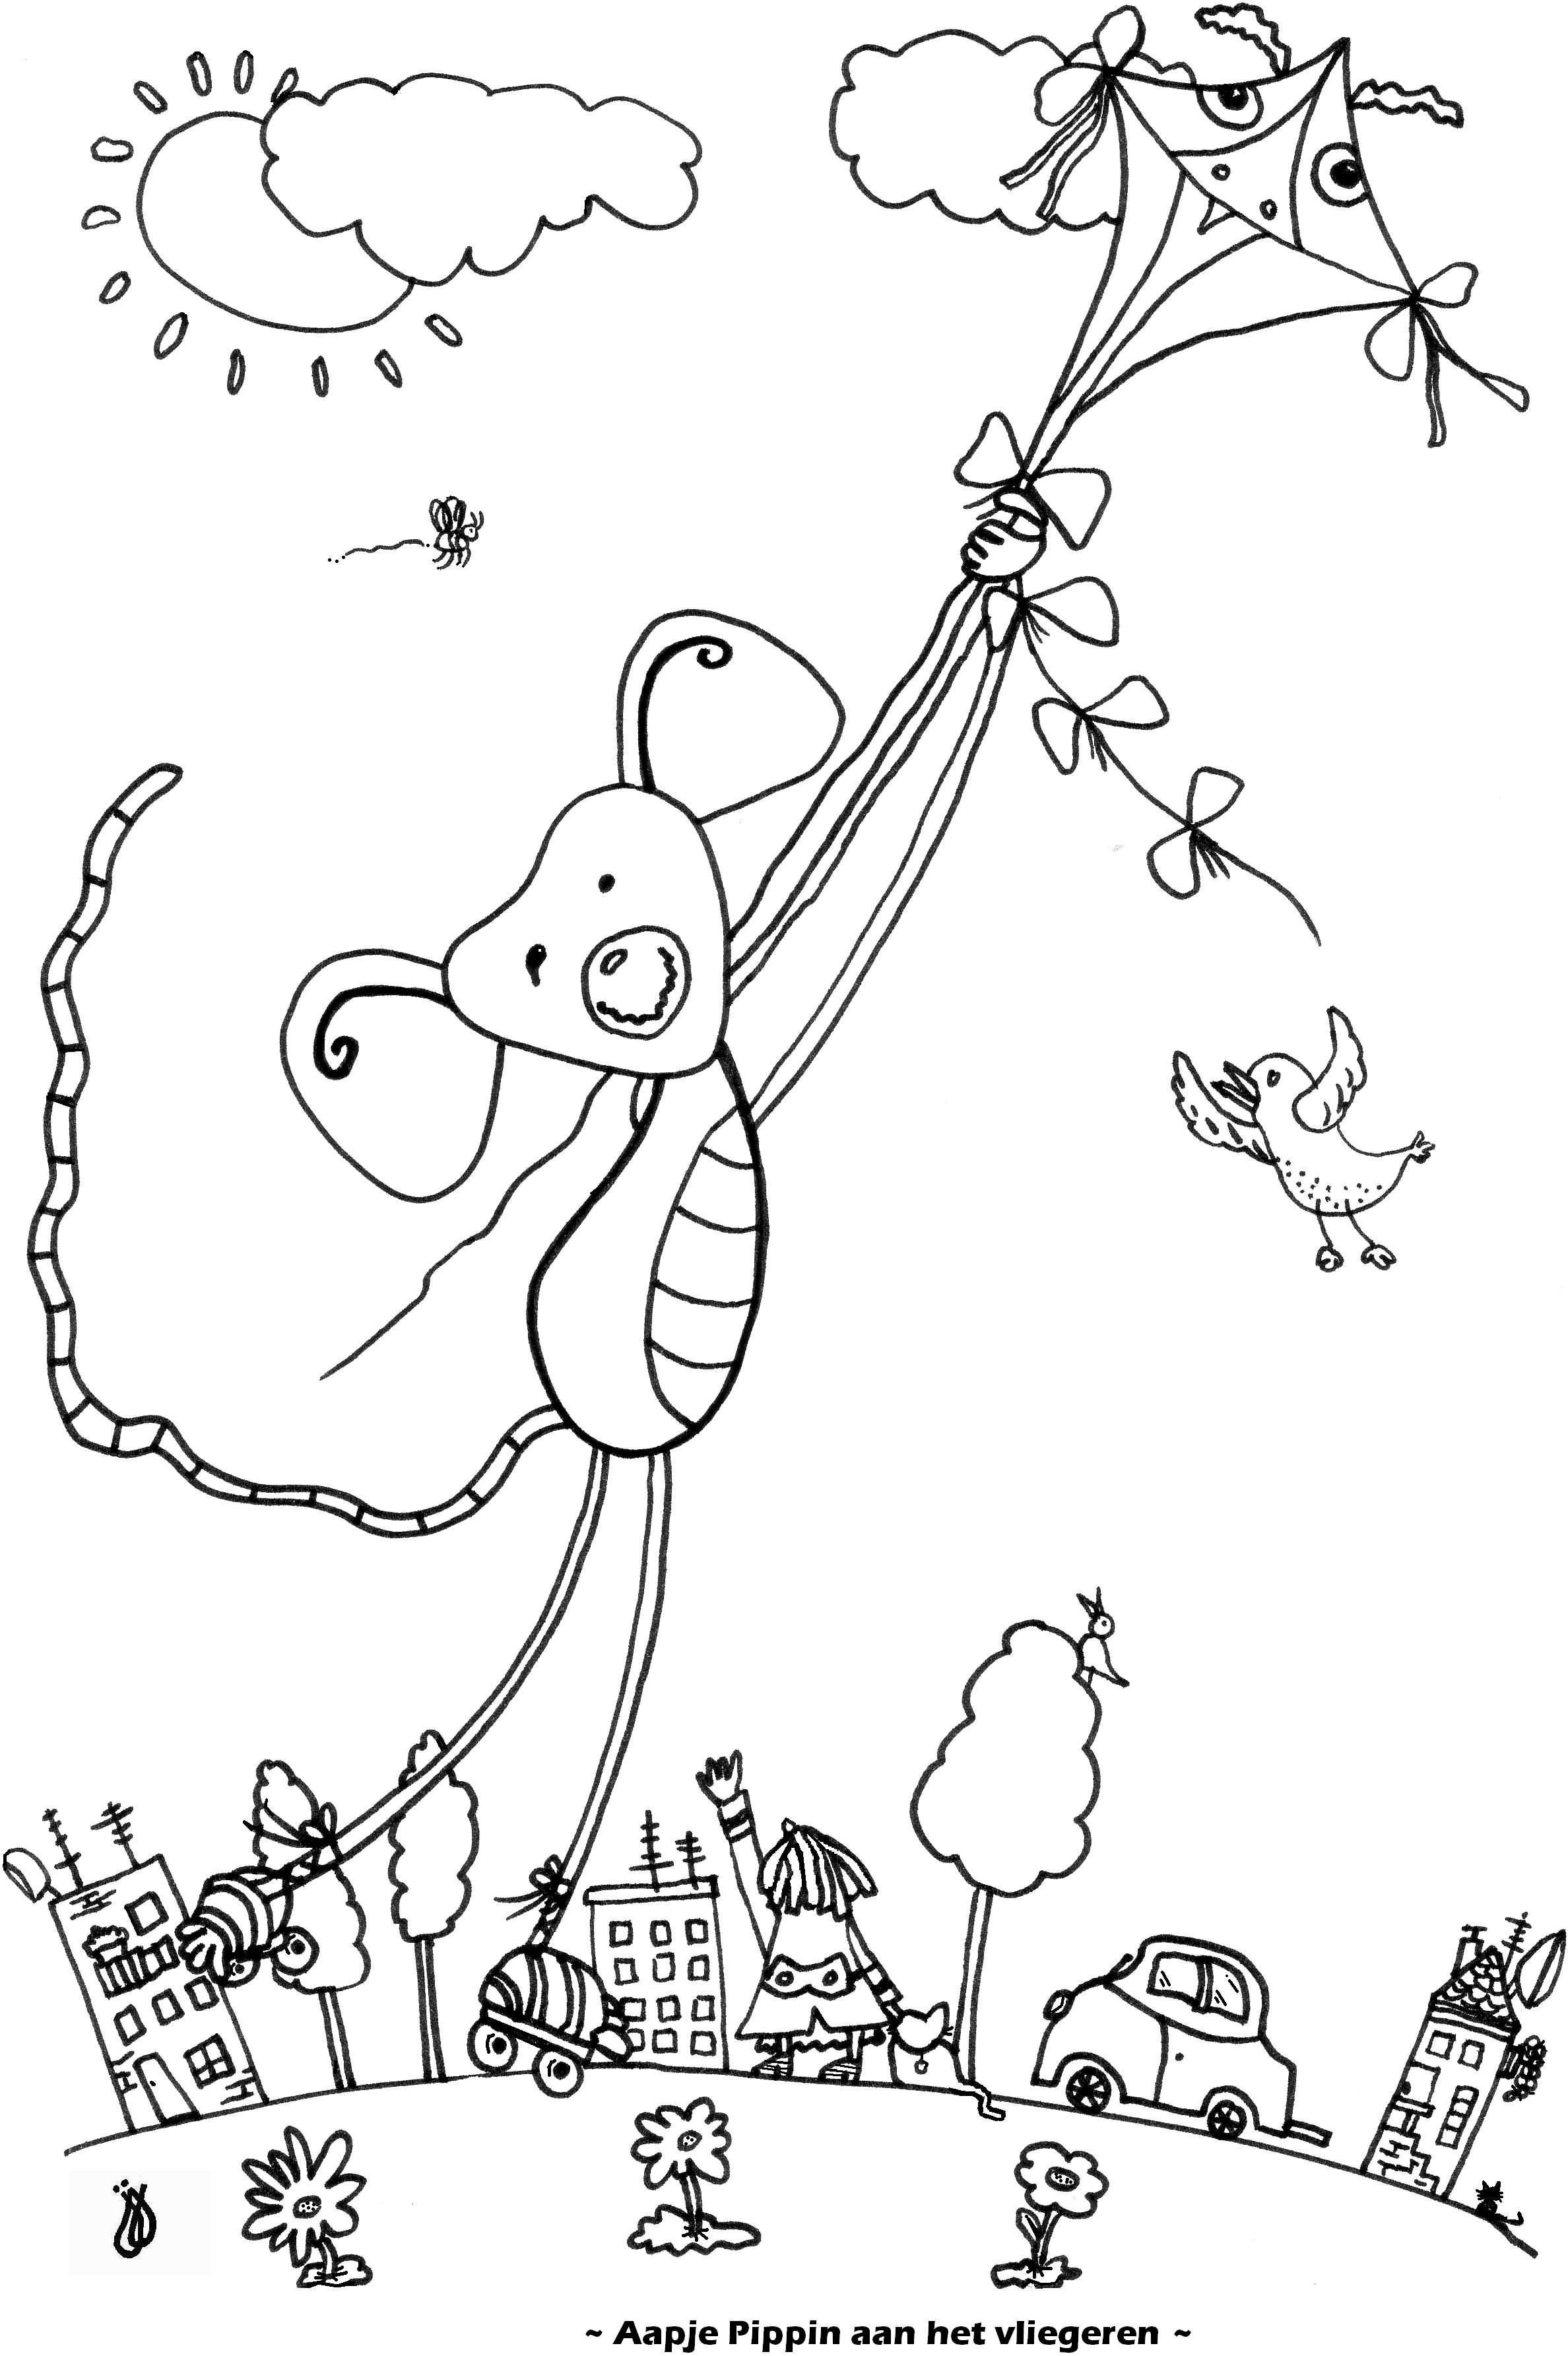 Aapje Pippin aan het vliegeren